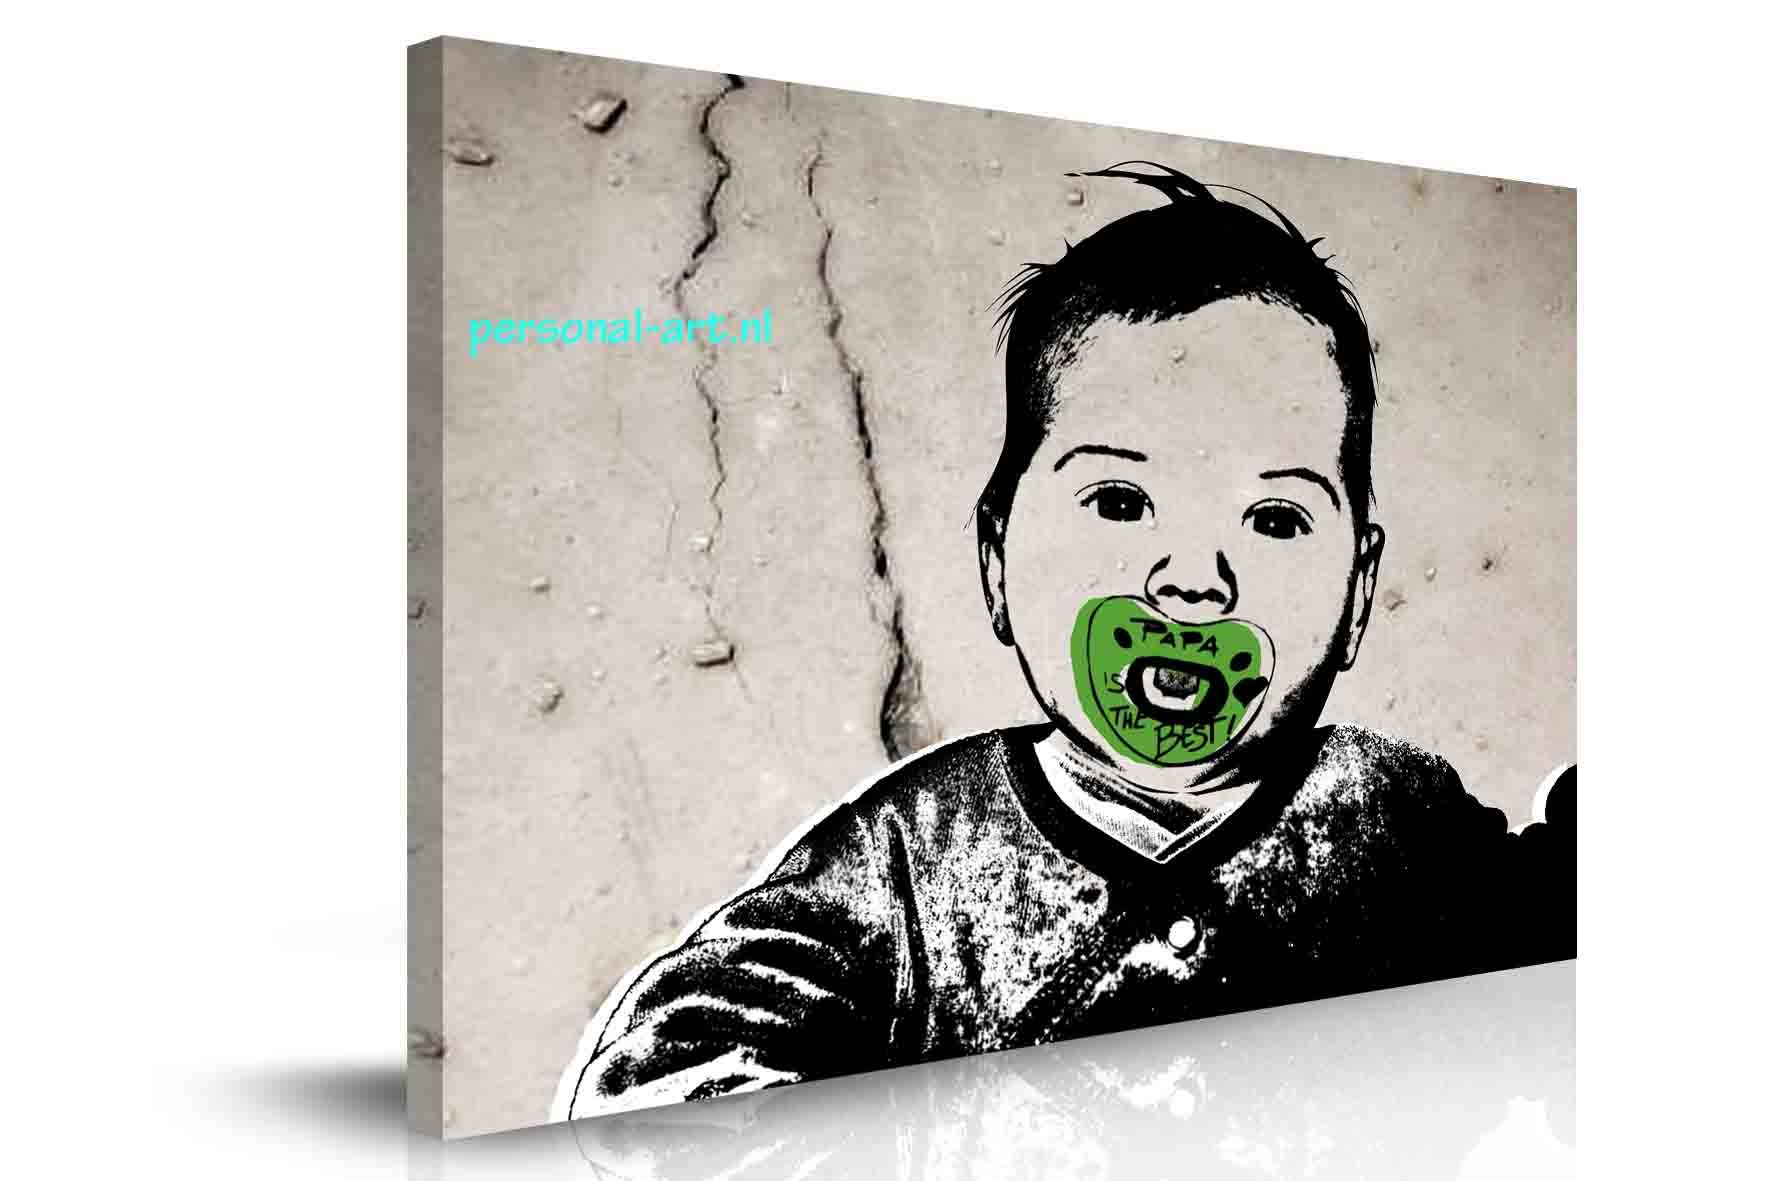 Jouw eigen pop-art. Made by Personal-Art.nl Leuk voor Kerst of cadeau voucher voor Sinterklaas